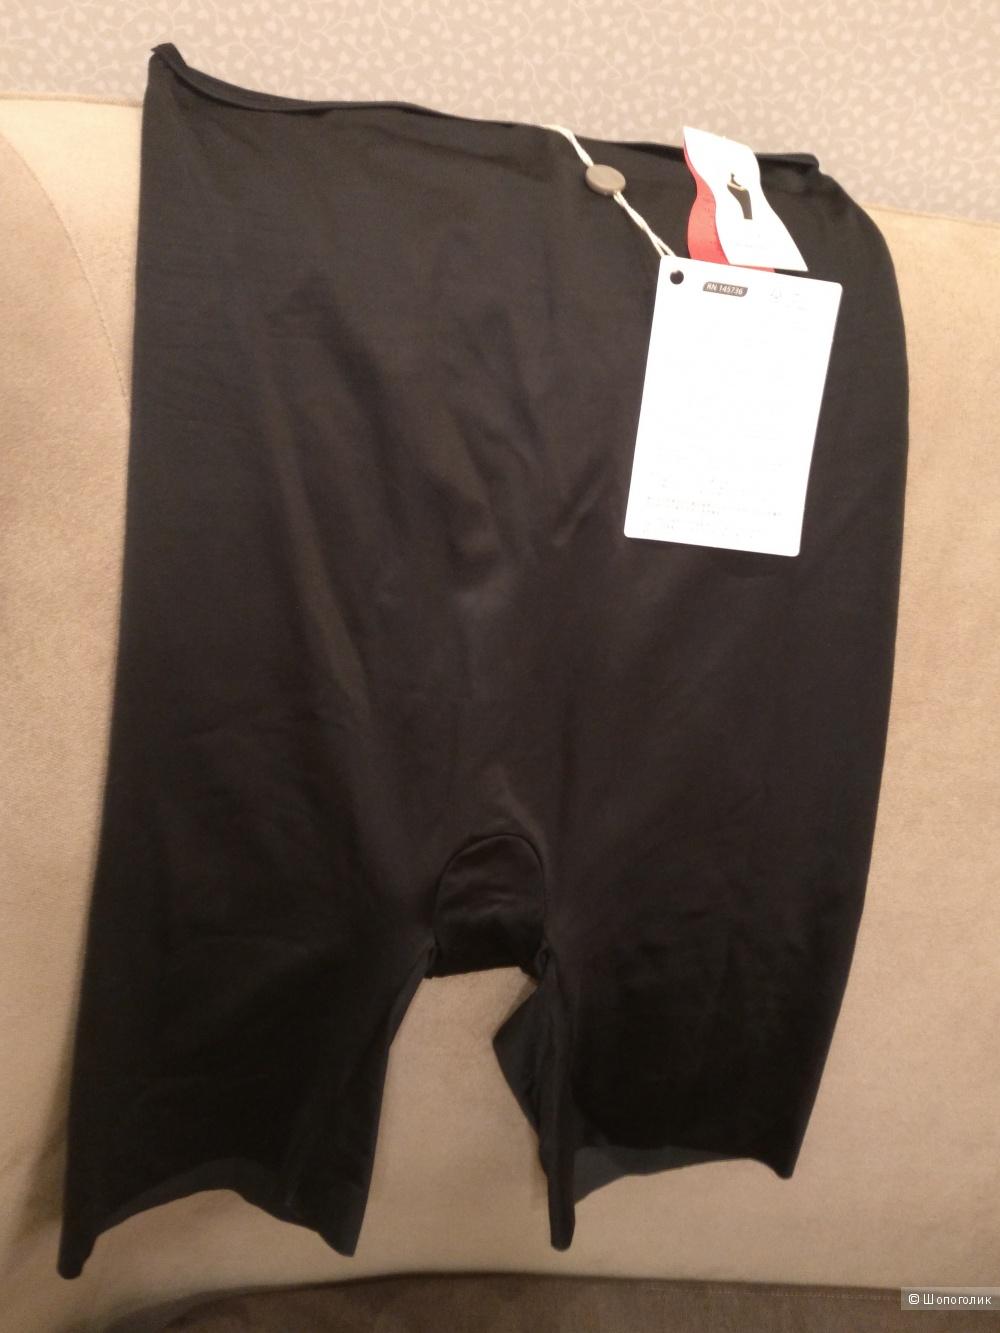 Трусы-шортики SPANX  50 (Российский размер)  дизайнер:16 (UK)